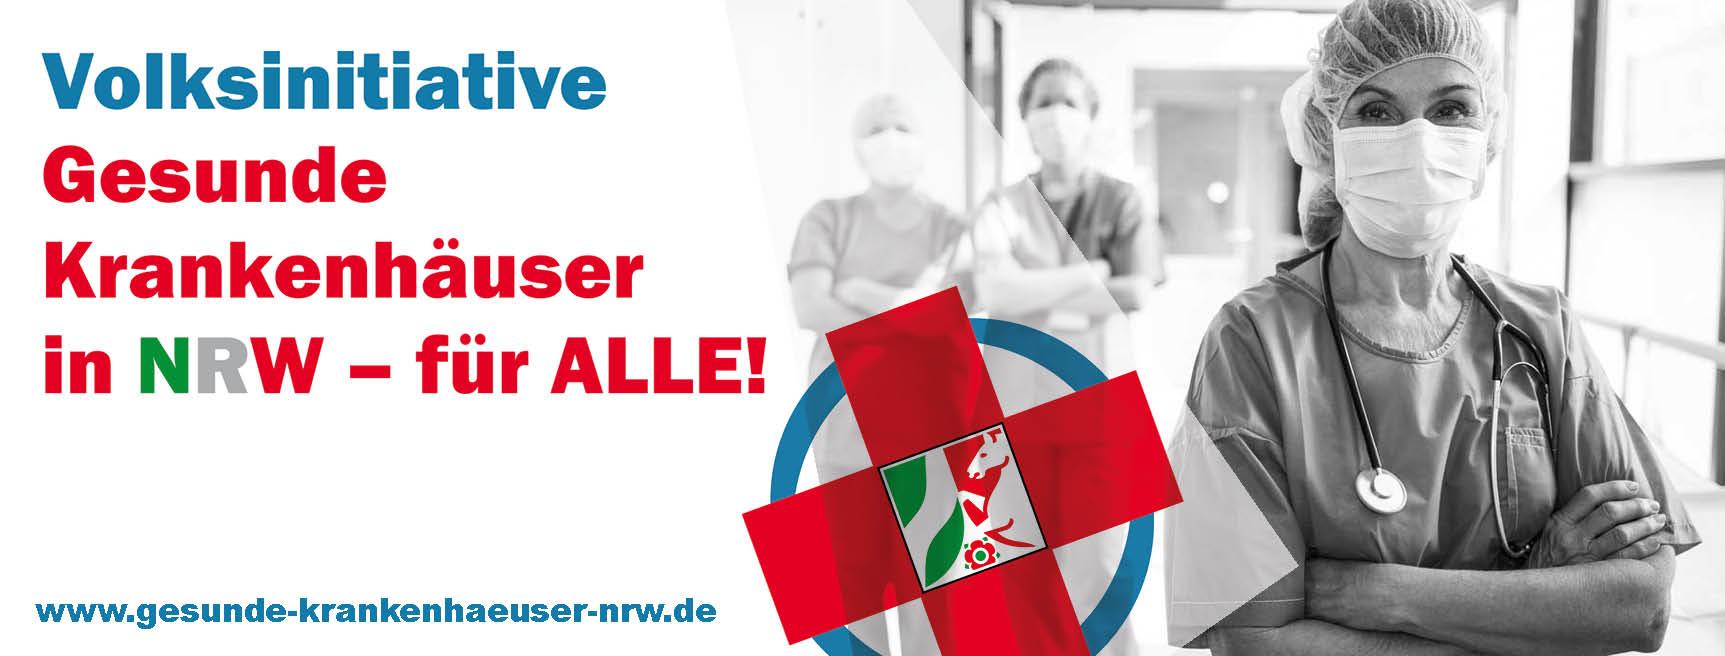 """DIE LINKE.LISTE sammelt Unterschriften für """"Volksinitiative Gesunde Krankenhäuser NRW"""""""